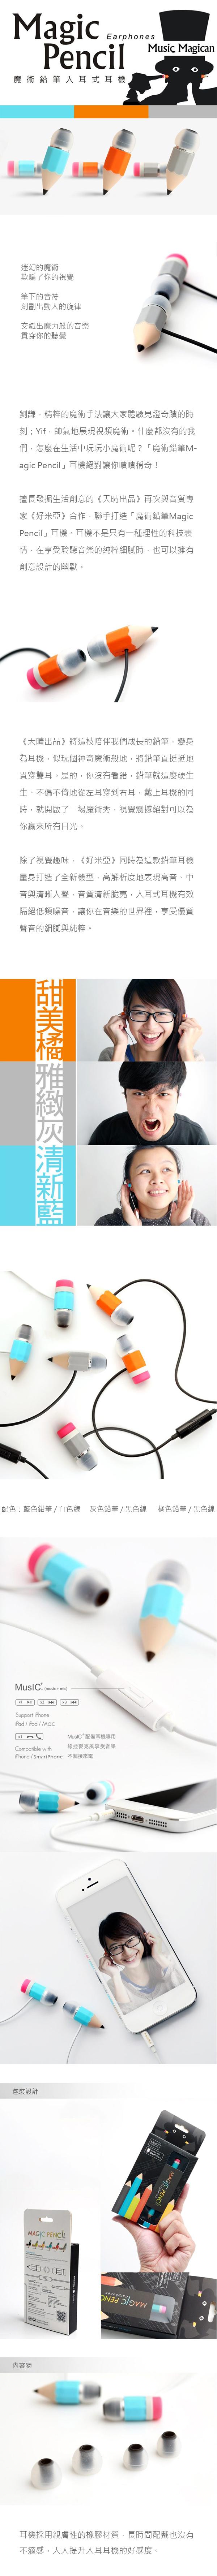 【7/12~8/15父親節七夕9折優惠】天晴設計 Magic Pencil Earphone 入耳式耳機 清新藍